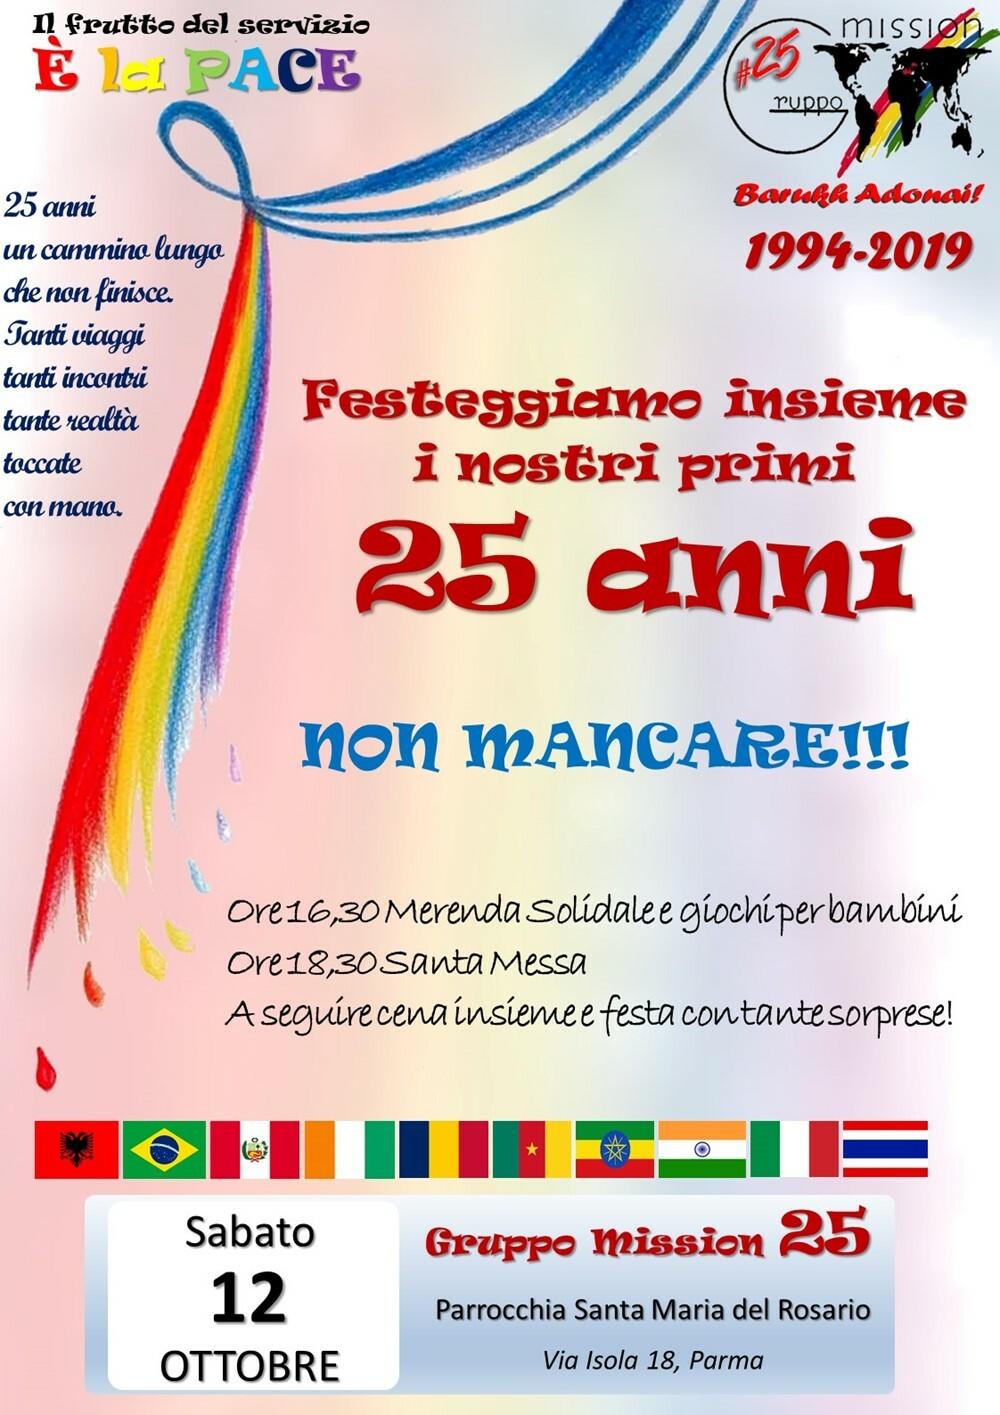 Gruppo Mission 25 Il 12 ottobre la festa per i 25 anni di attività dell'associazione